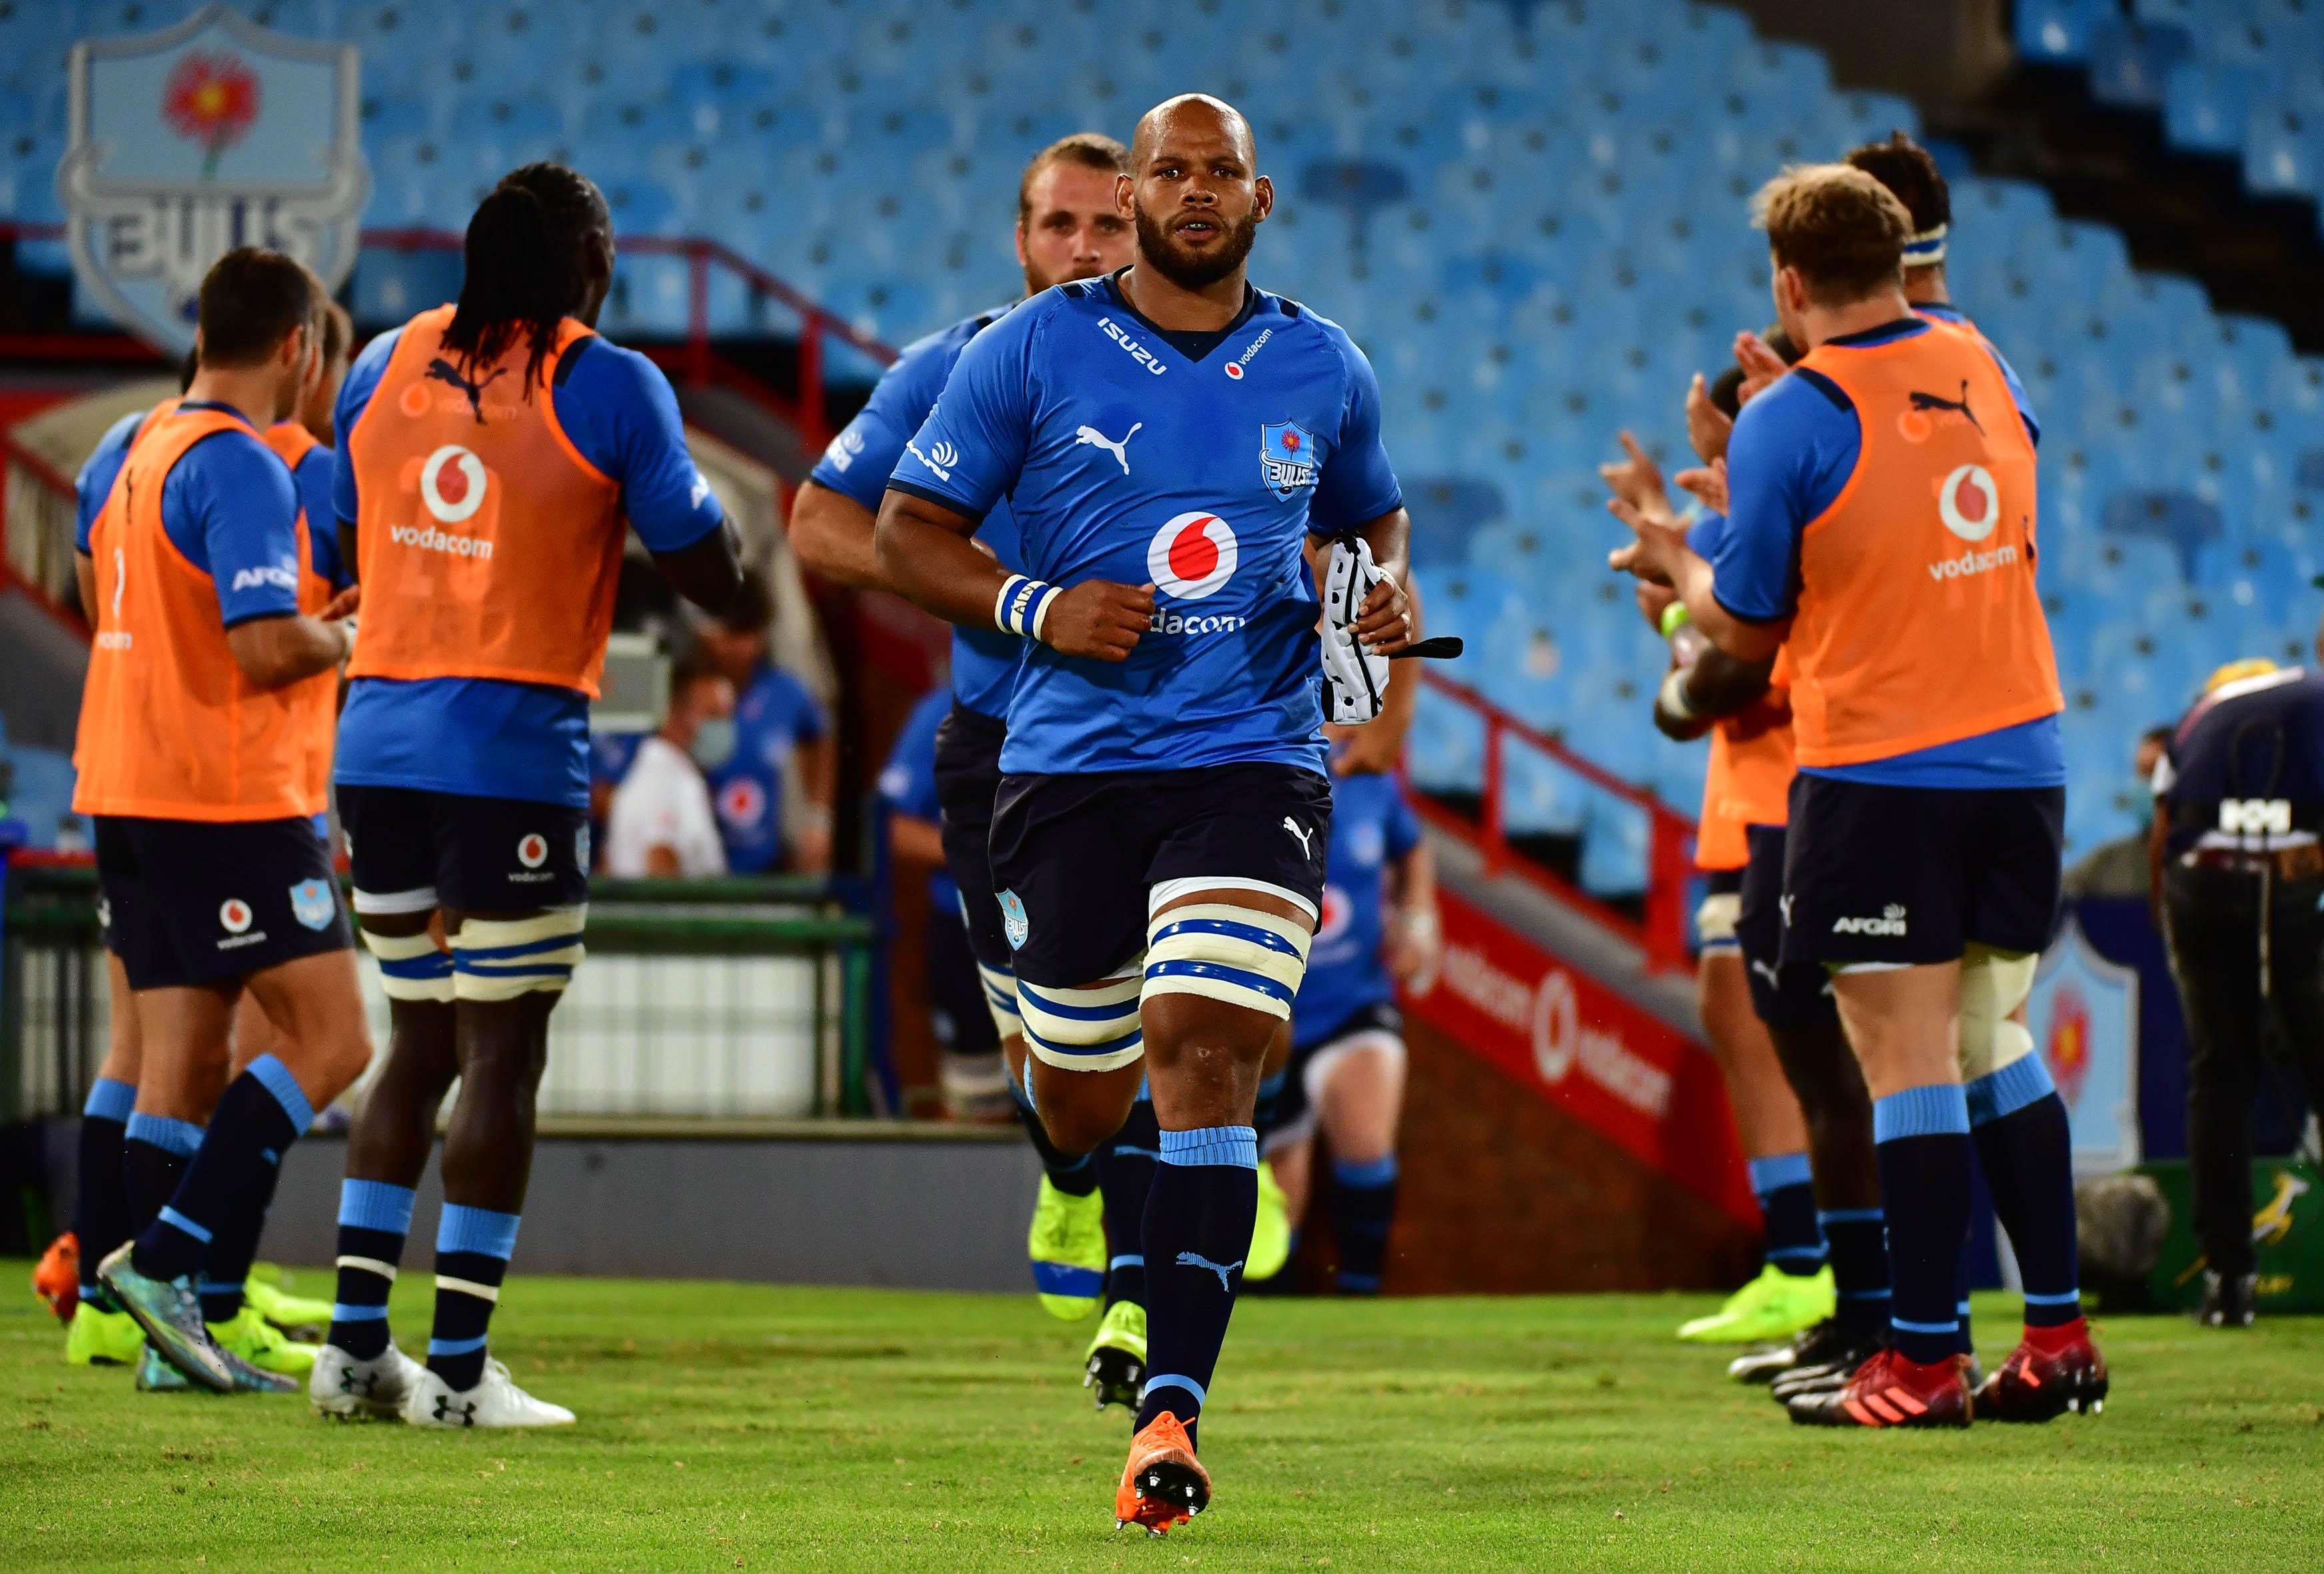 Vodacom Bulls Debut For Goosen Against SA 'A'